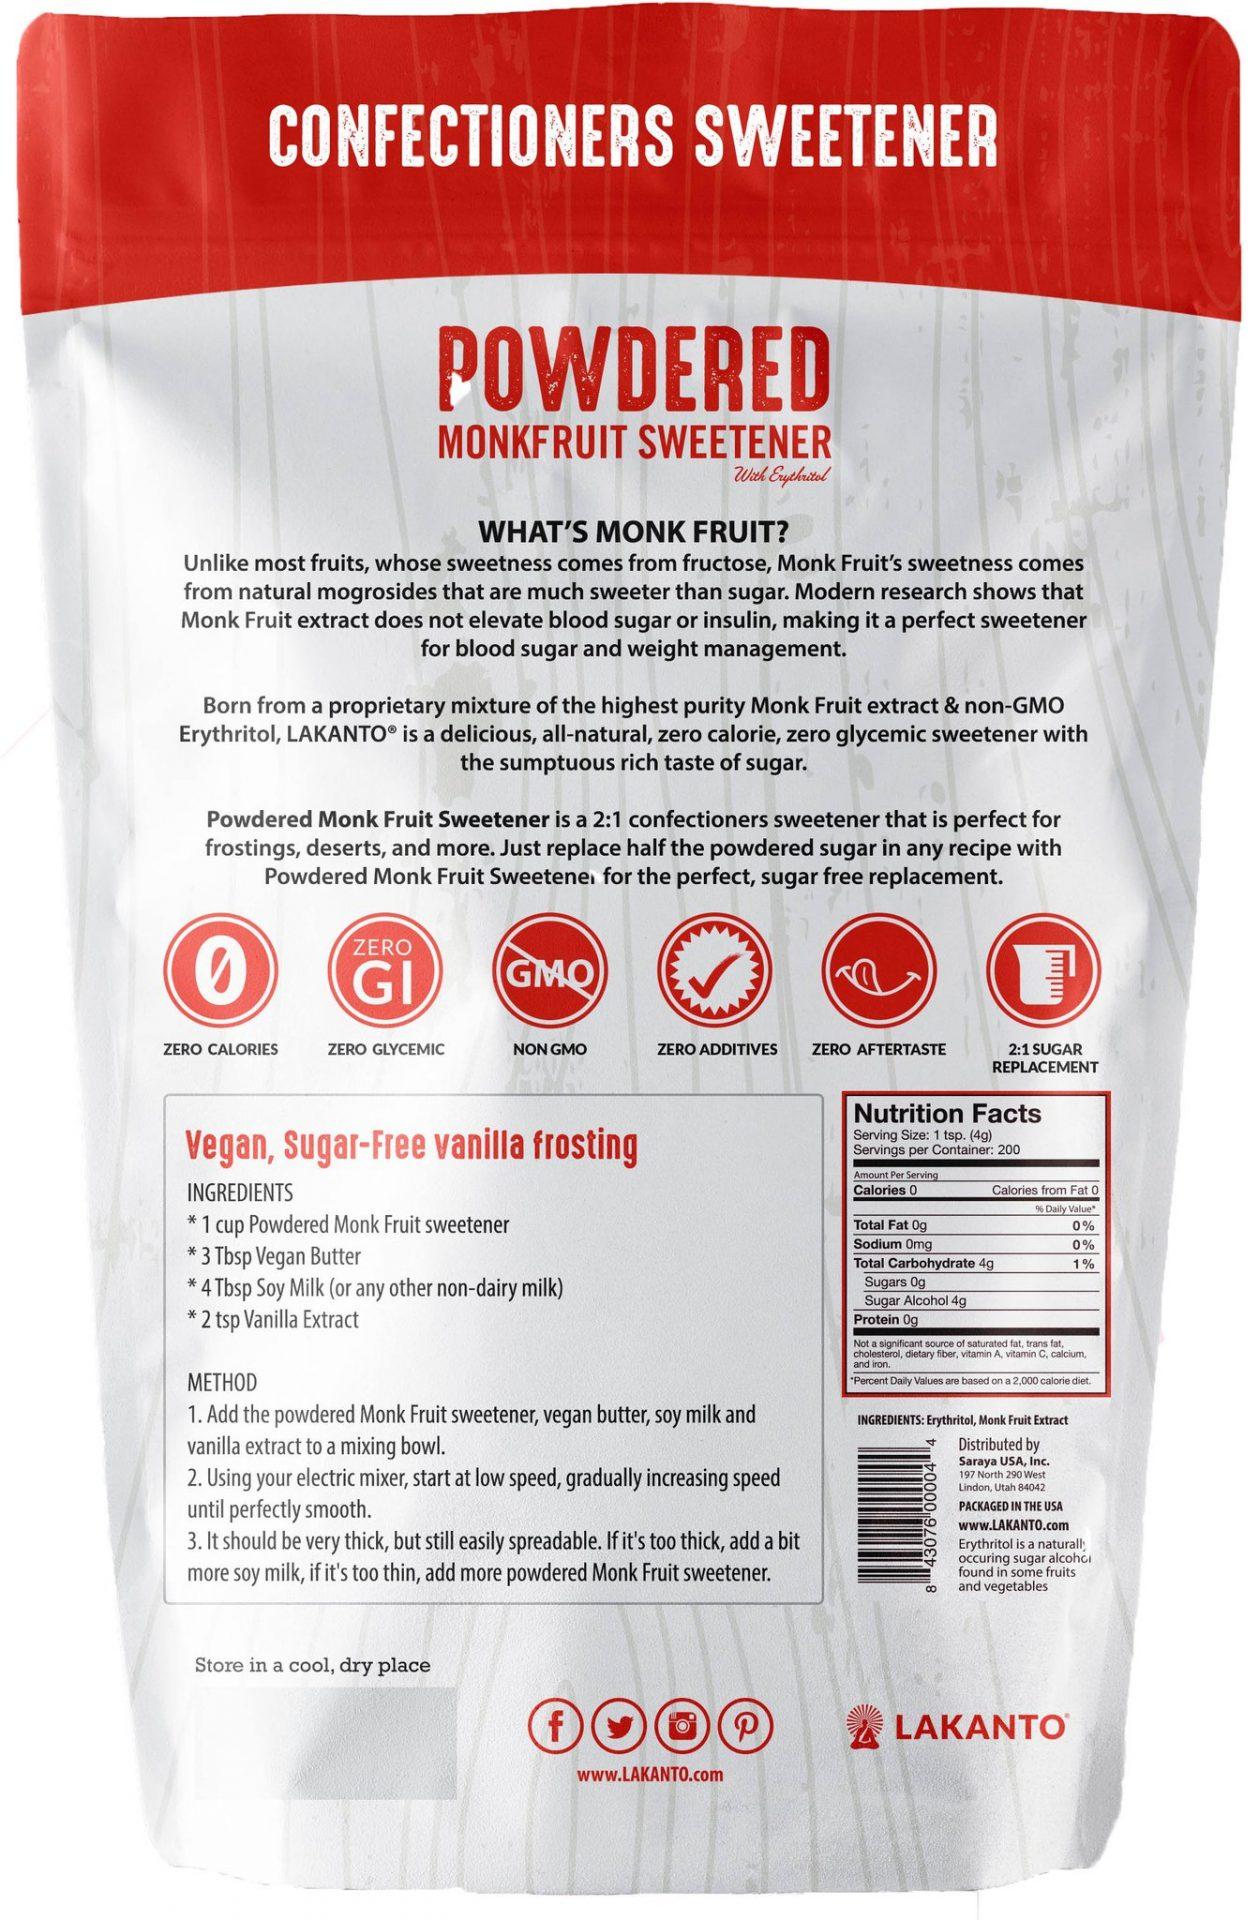 Lakanto Powdered Monkfruit Sweetener